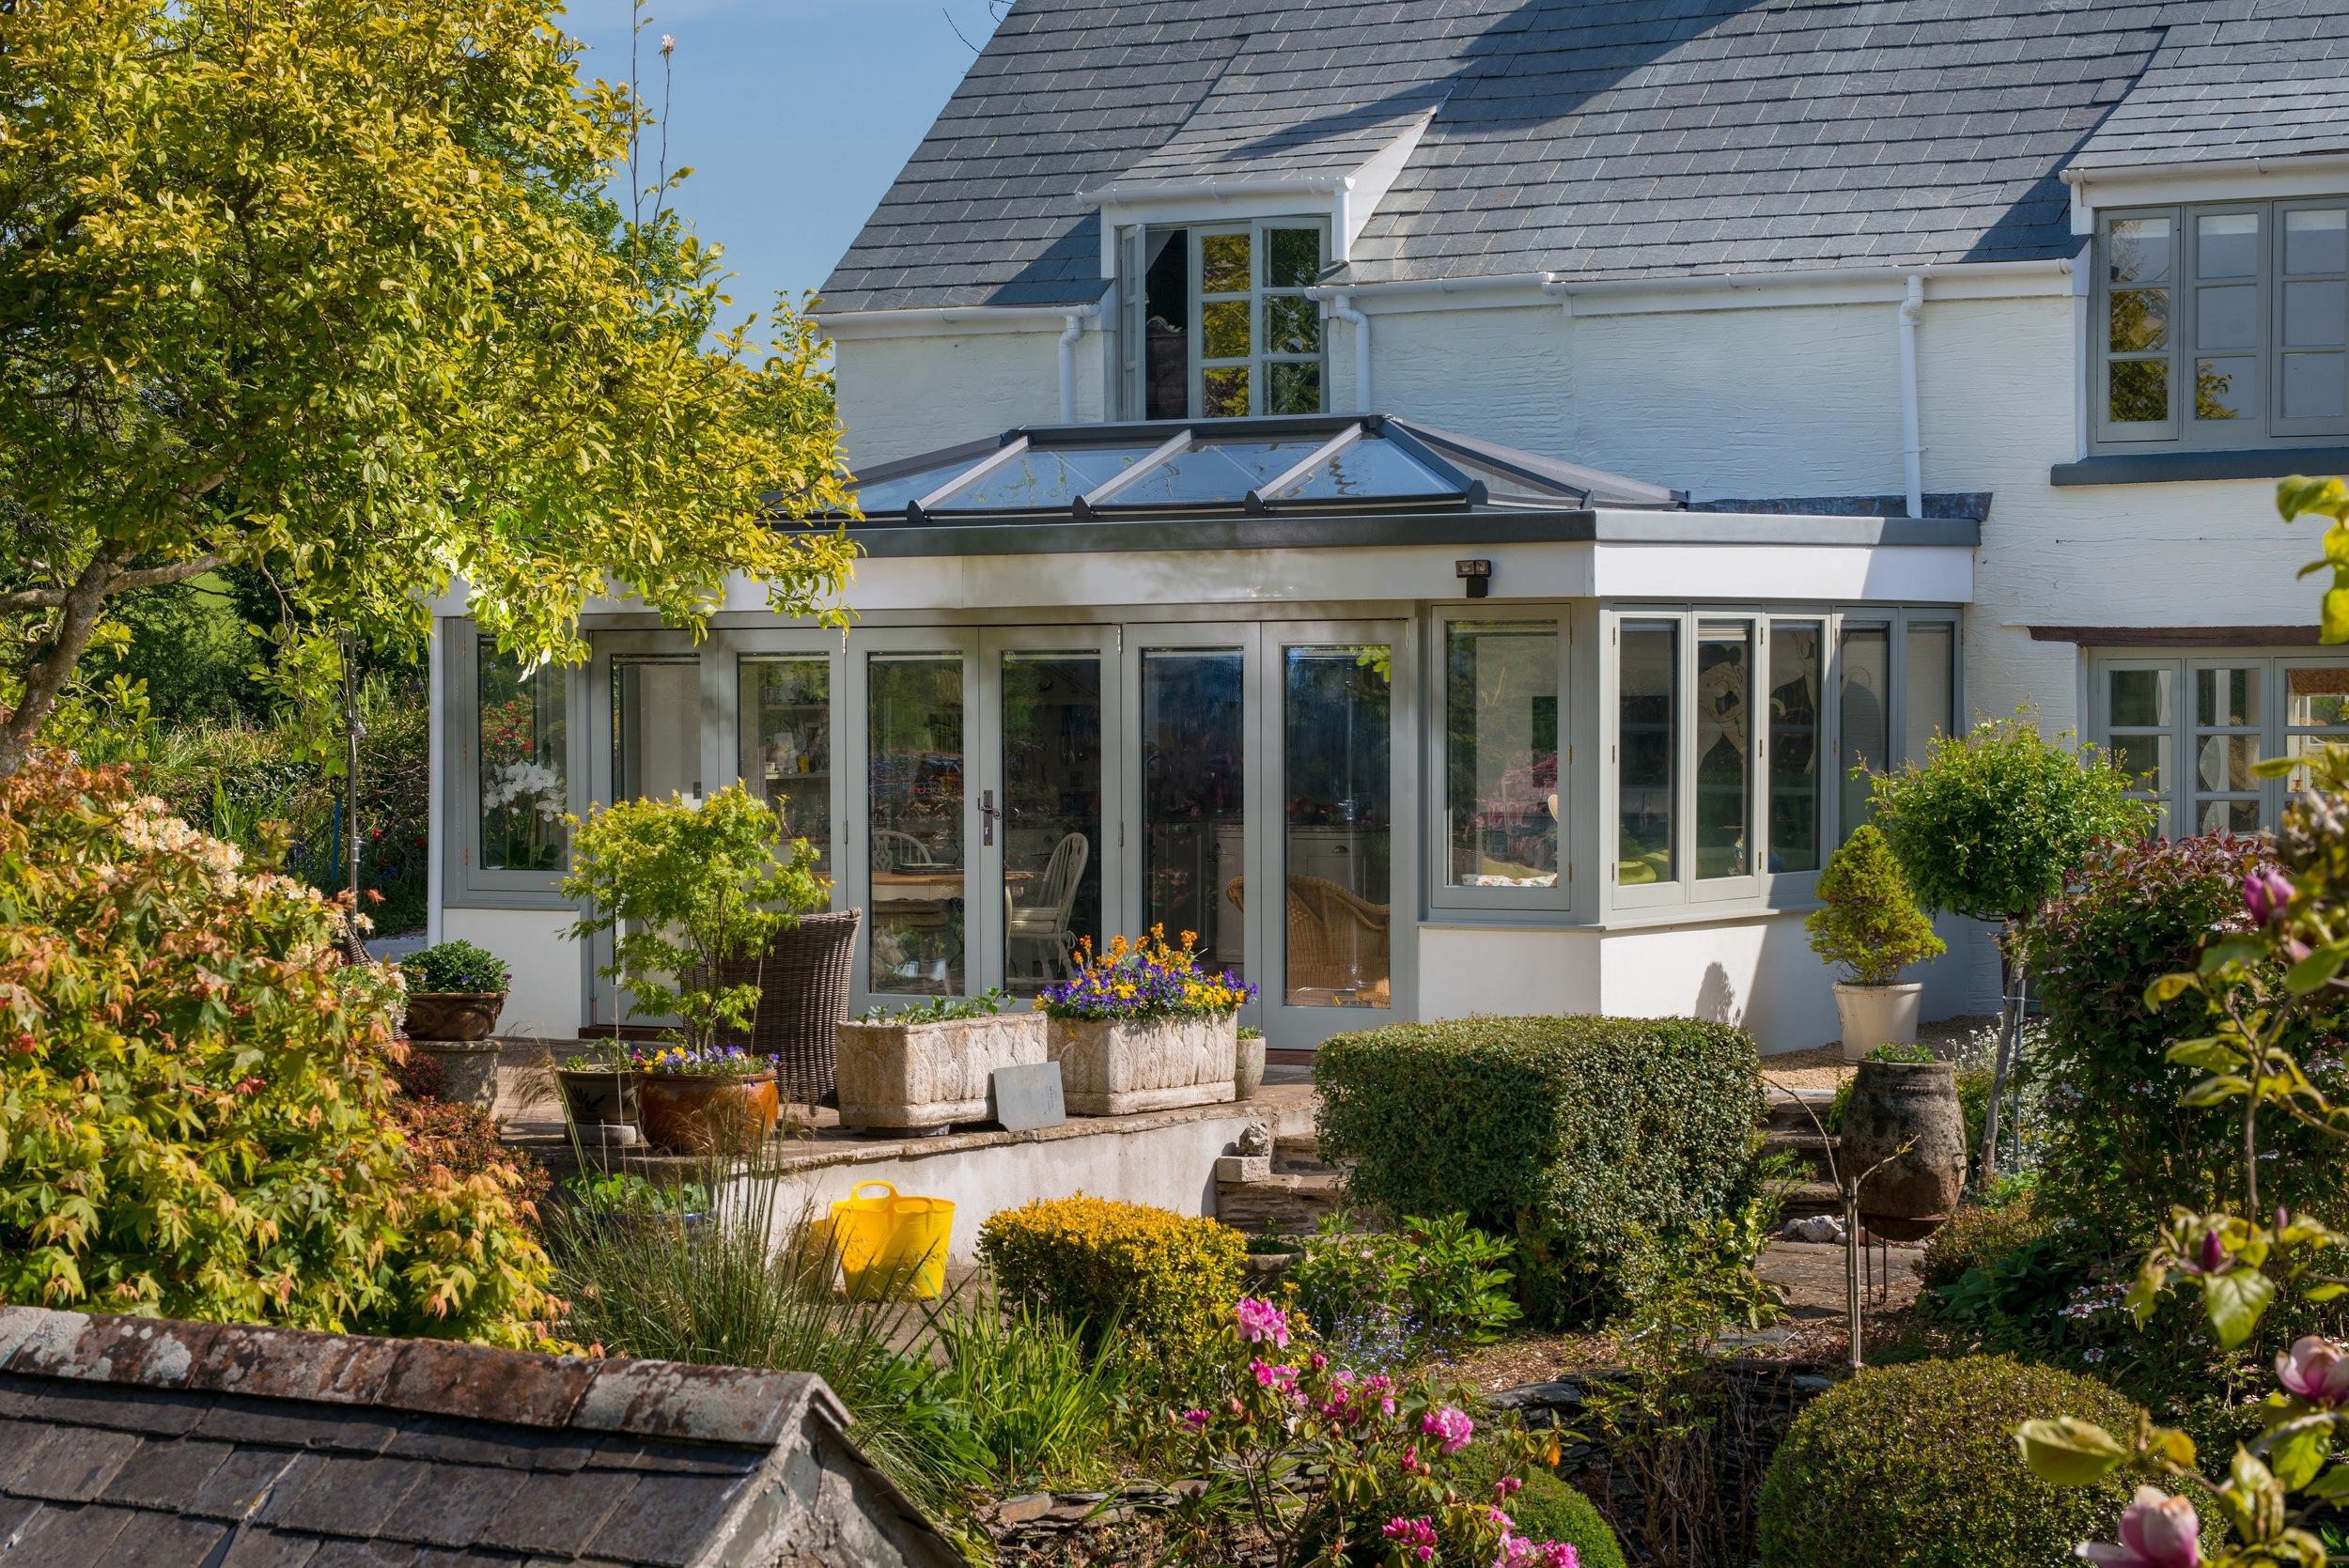 Dartmoor Orangery Featured Image